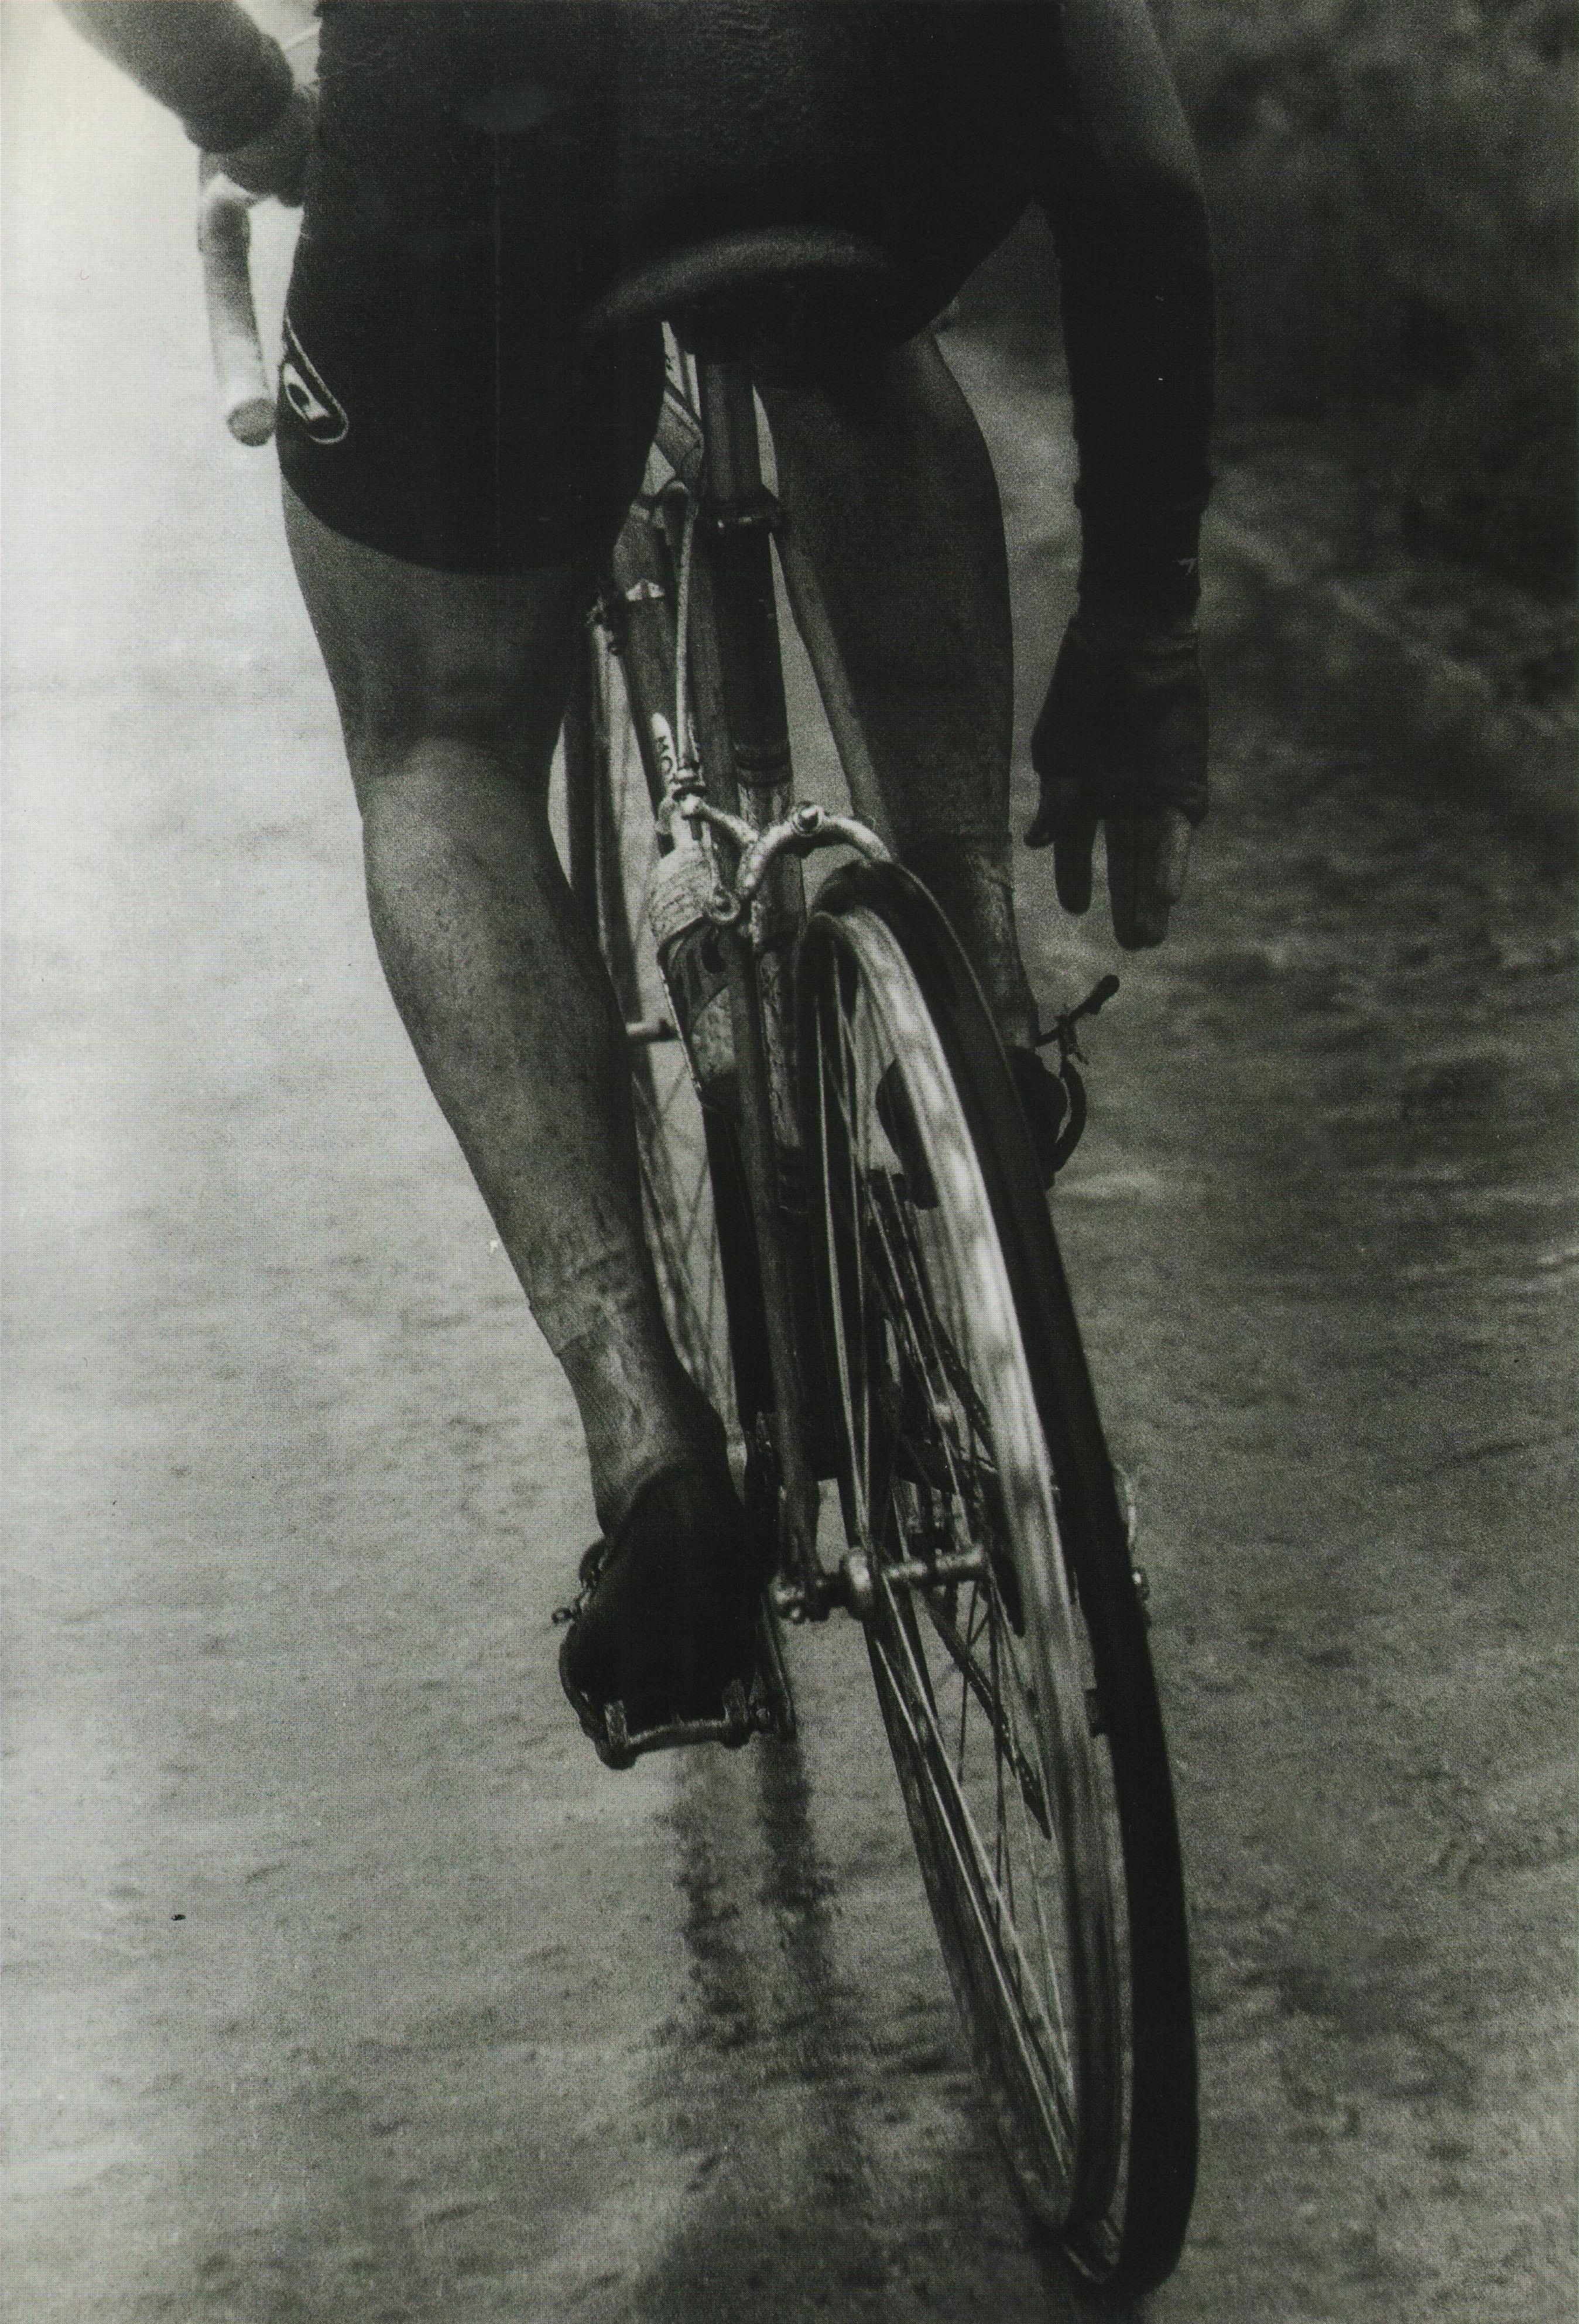 Giro d'Italia 1967. 19^Tappa, 8 giugno. Udine > Tre Cime di Lavaredo. Il Giro è quel del cinquantenario, il tempo da lupi. Il fotogramma coglie l'attimo in cui la ruota posteriore di un ciclista della squadra BIC, forse Lucien Aimar, si sta smontando, con lo pneumatico che si sfila dal cerchione: la reazione del corridore è pronta e subito allenta il fermapiede, l'incidente ancora una volta è solo sfiorato...